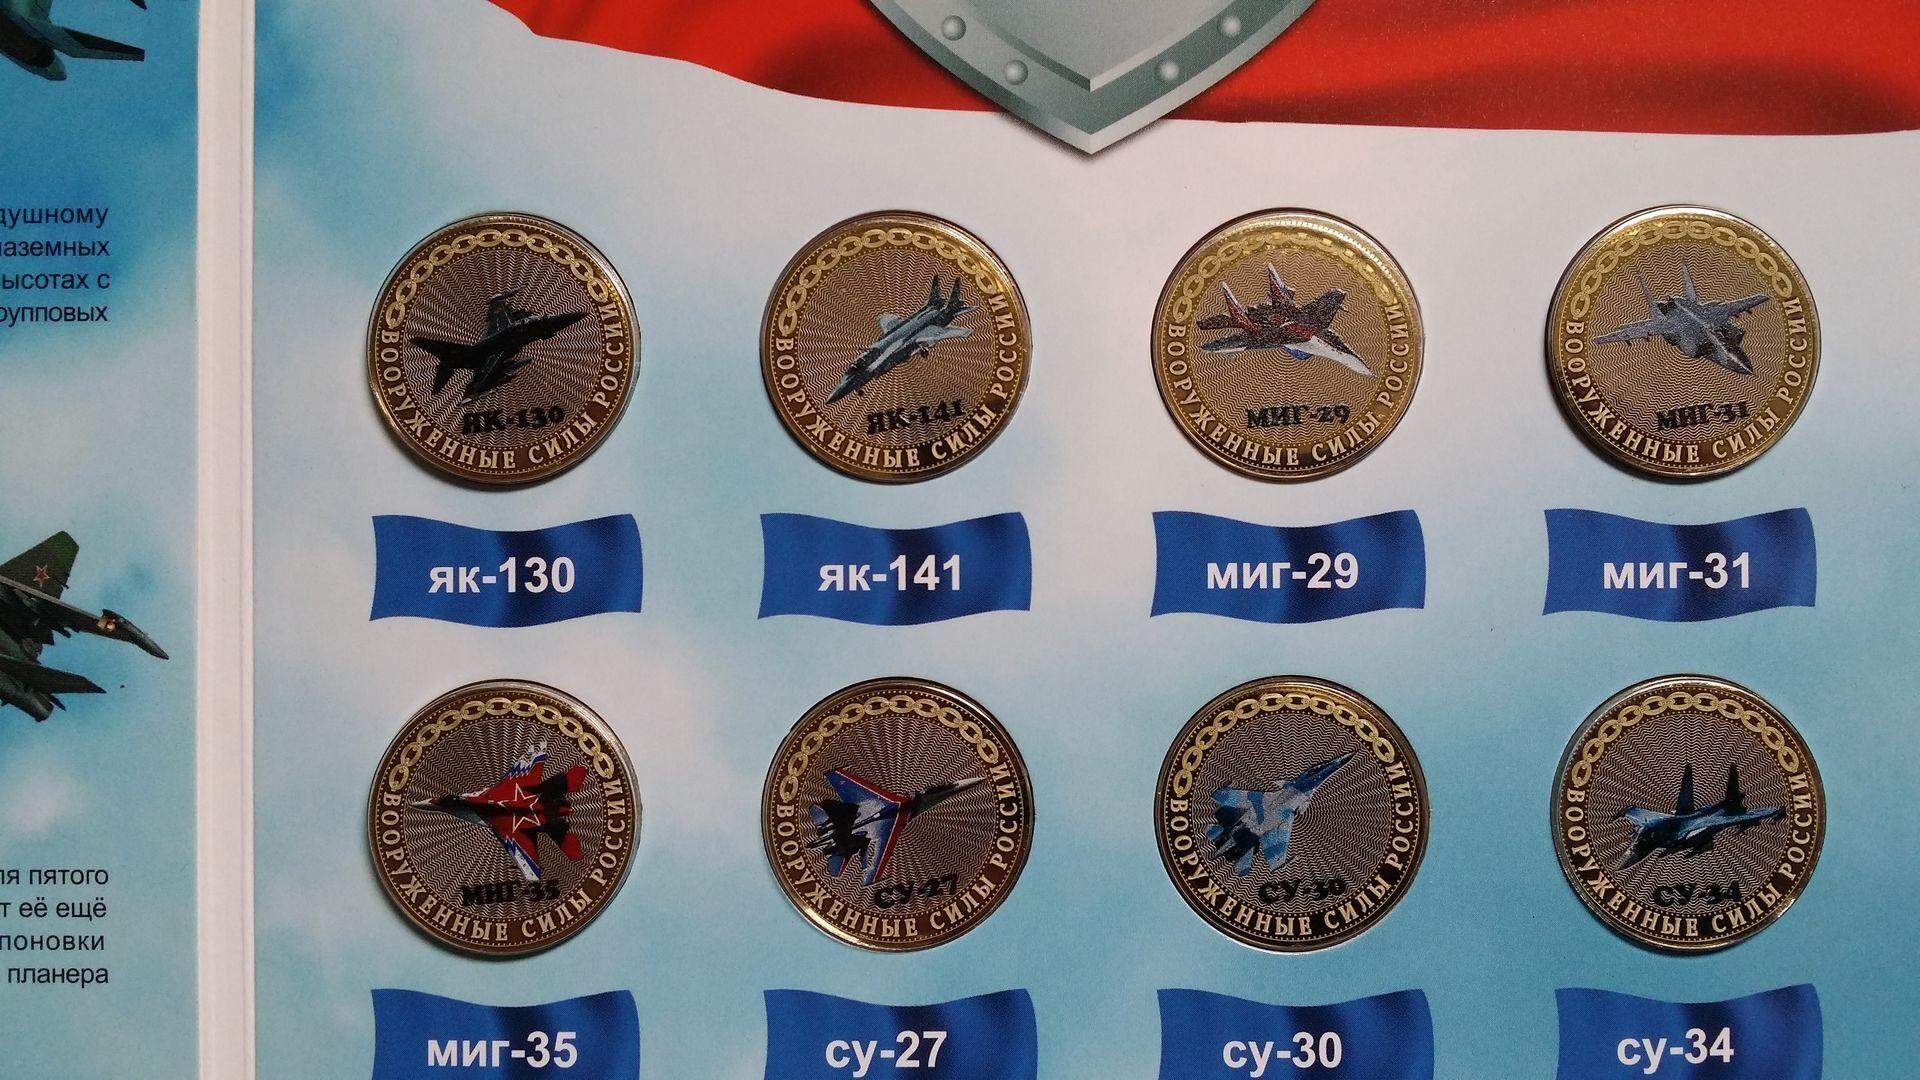 Бондарчук монеты с цветной эмалью и гравировкой карта Халтурина купить